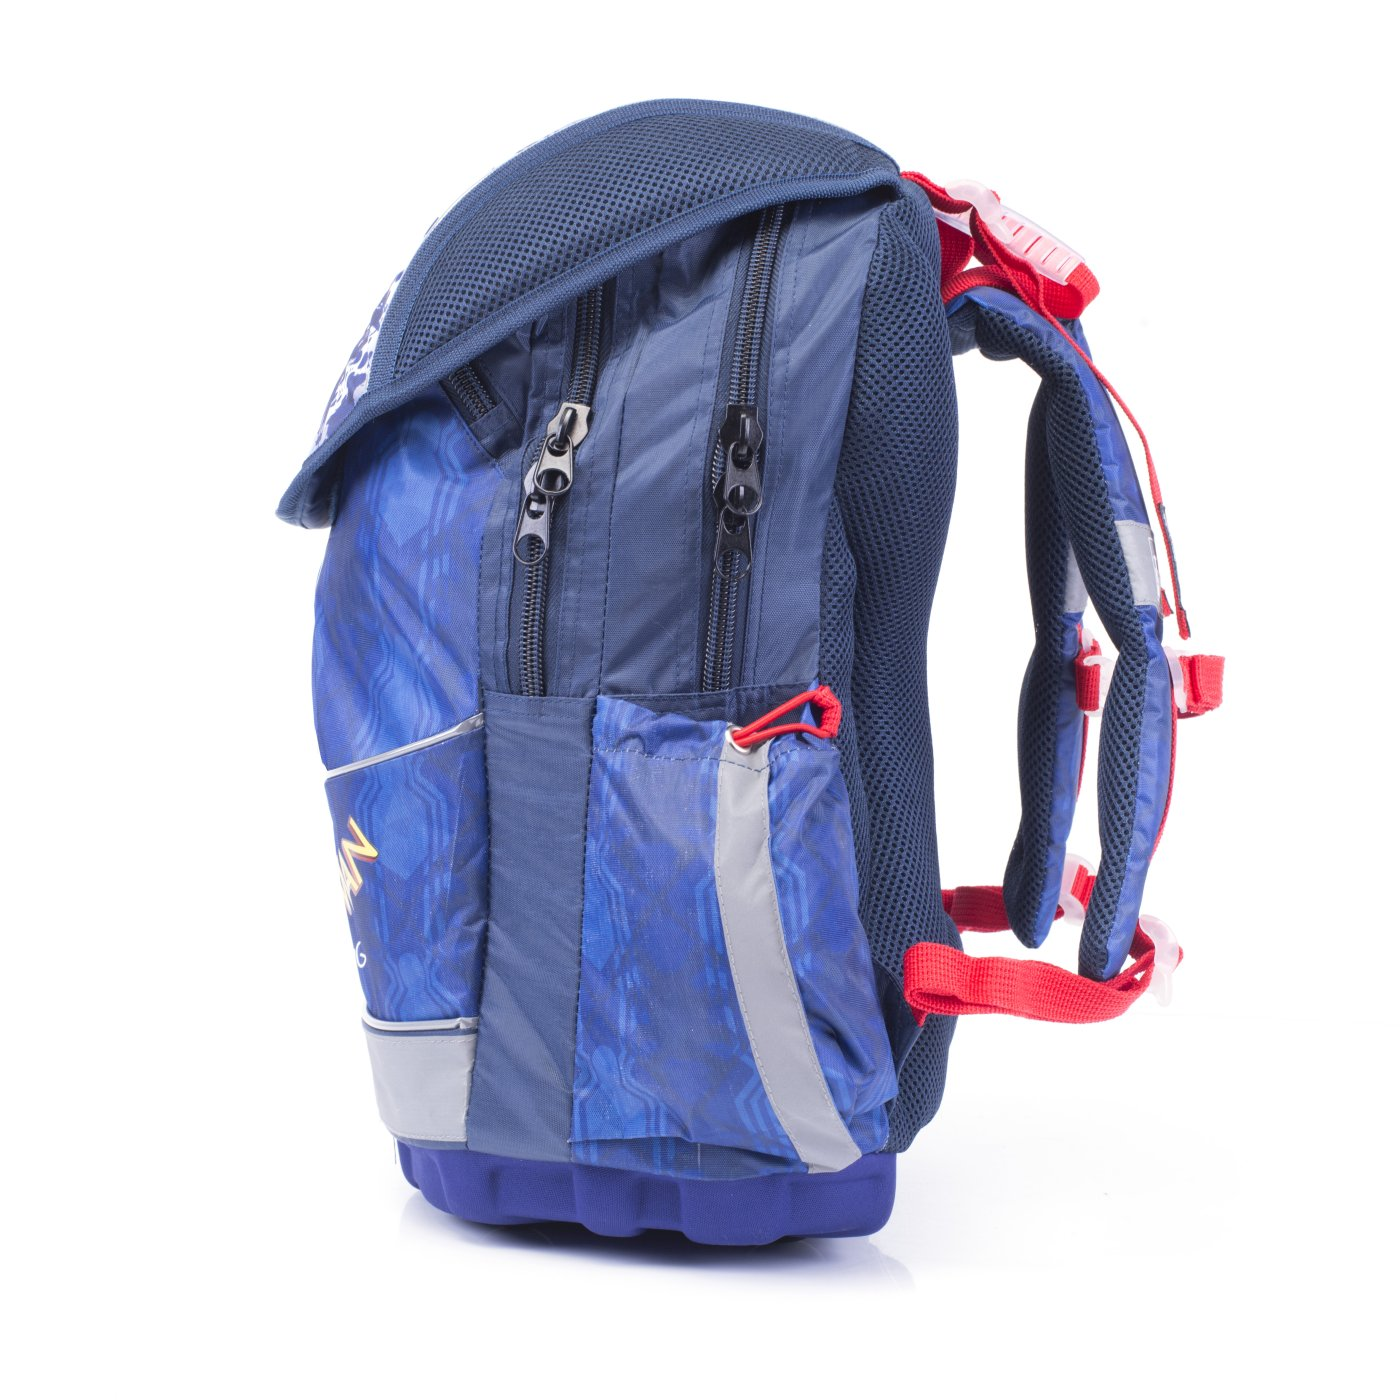 Anatomical backpack PLUS Spiderman - Školní potřeby » BATOHY A ... 74efef7372